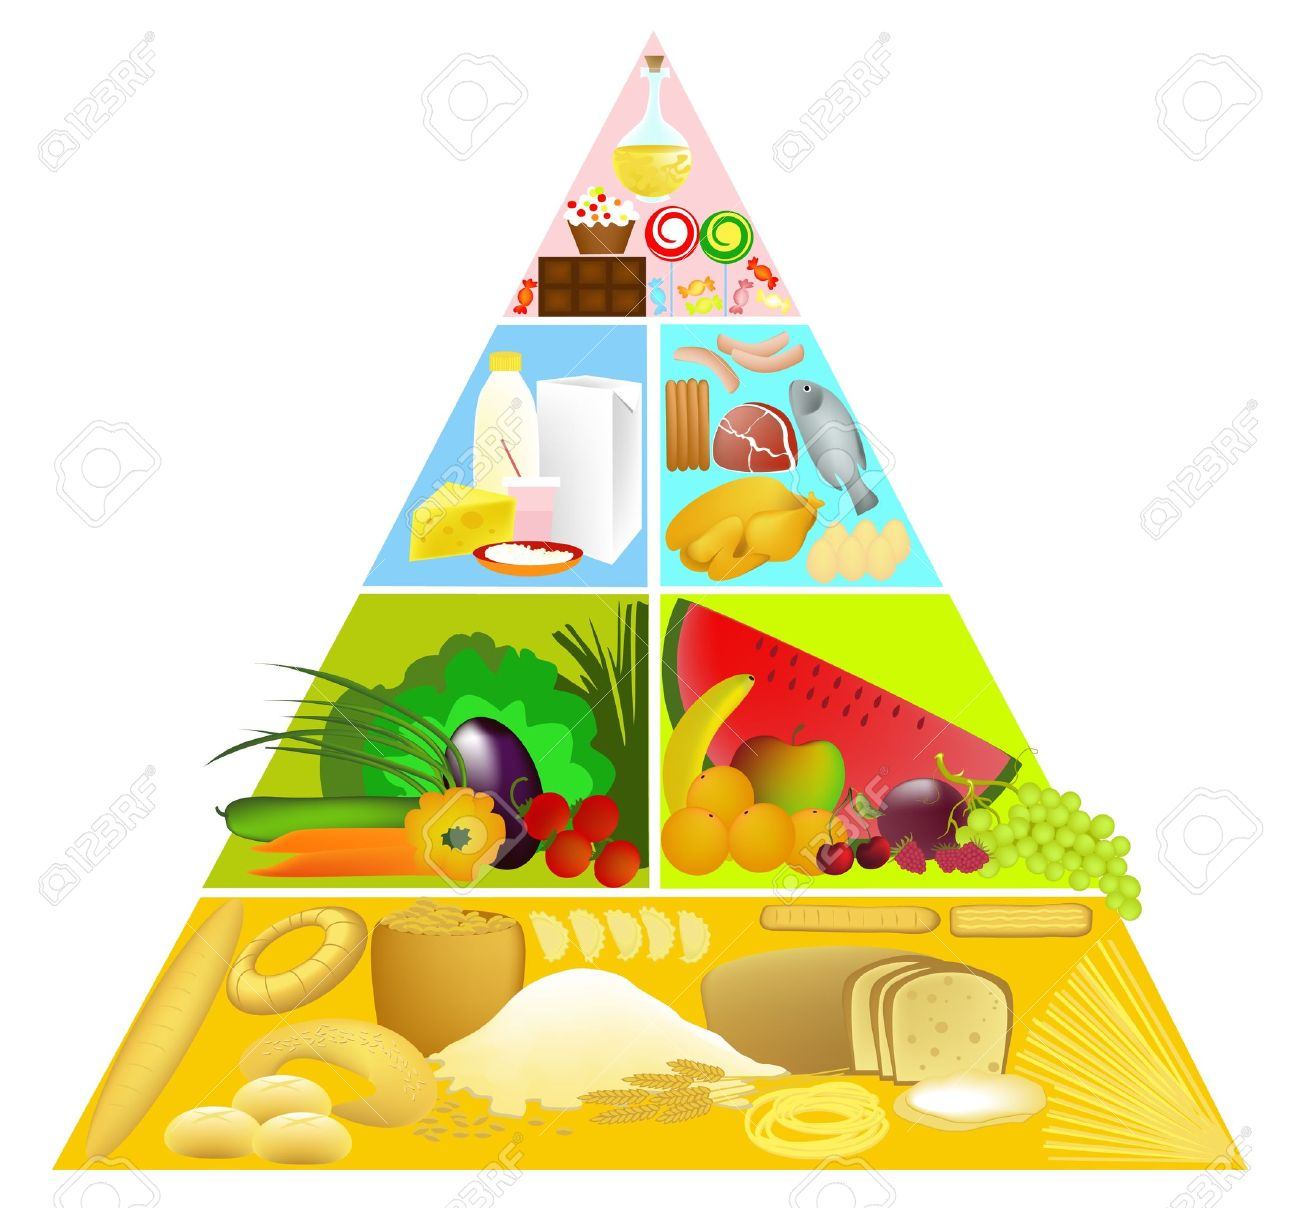 food pyramid: Food Pyramid Illustration-food pyramid: Food Pyramid Illustration-4